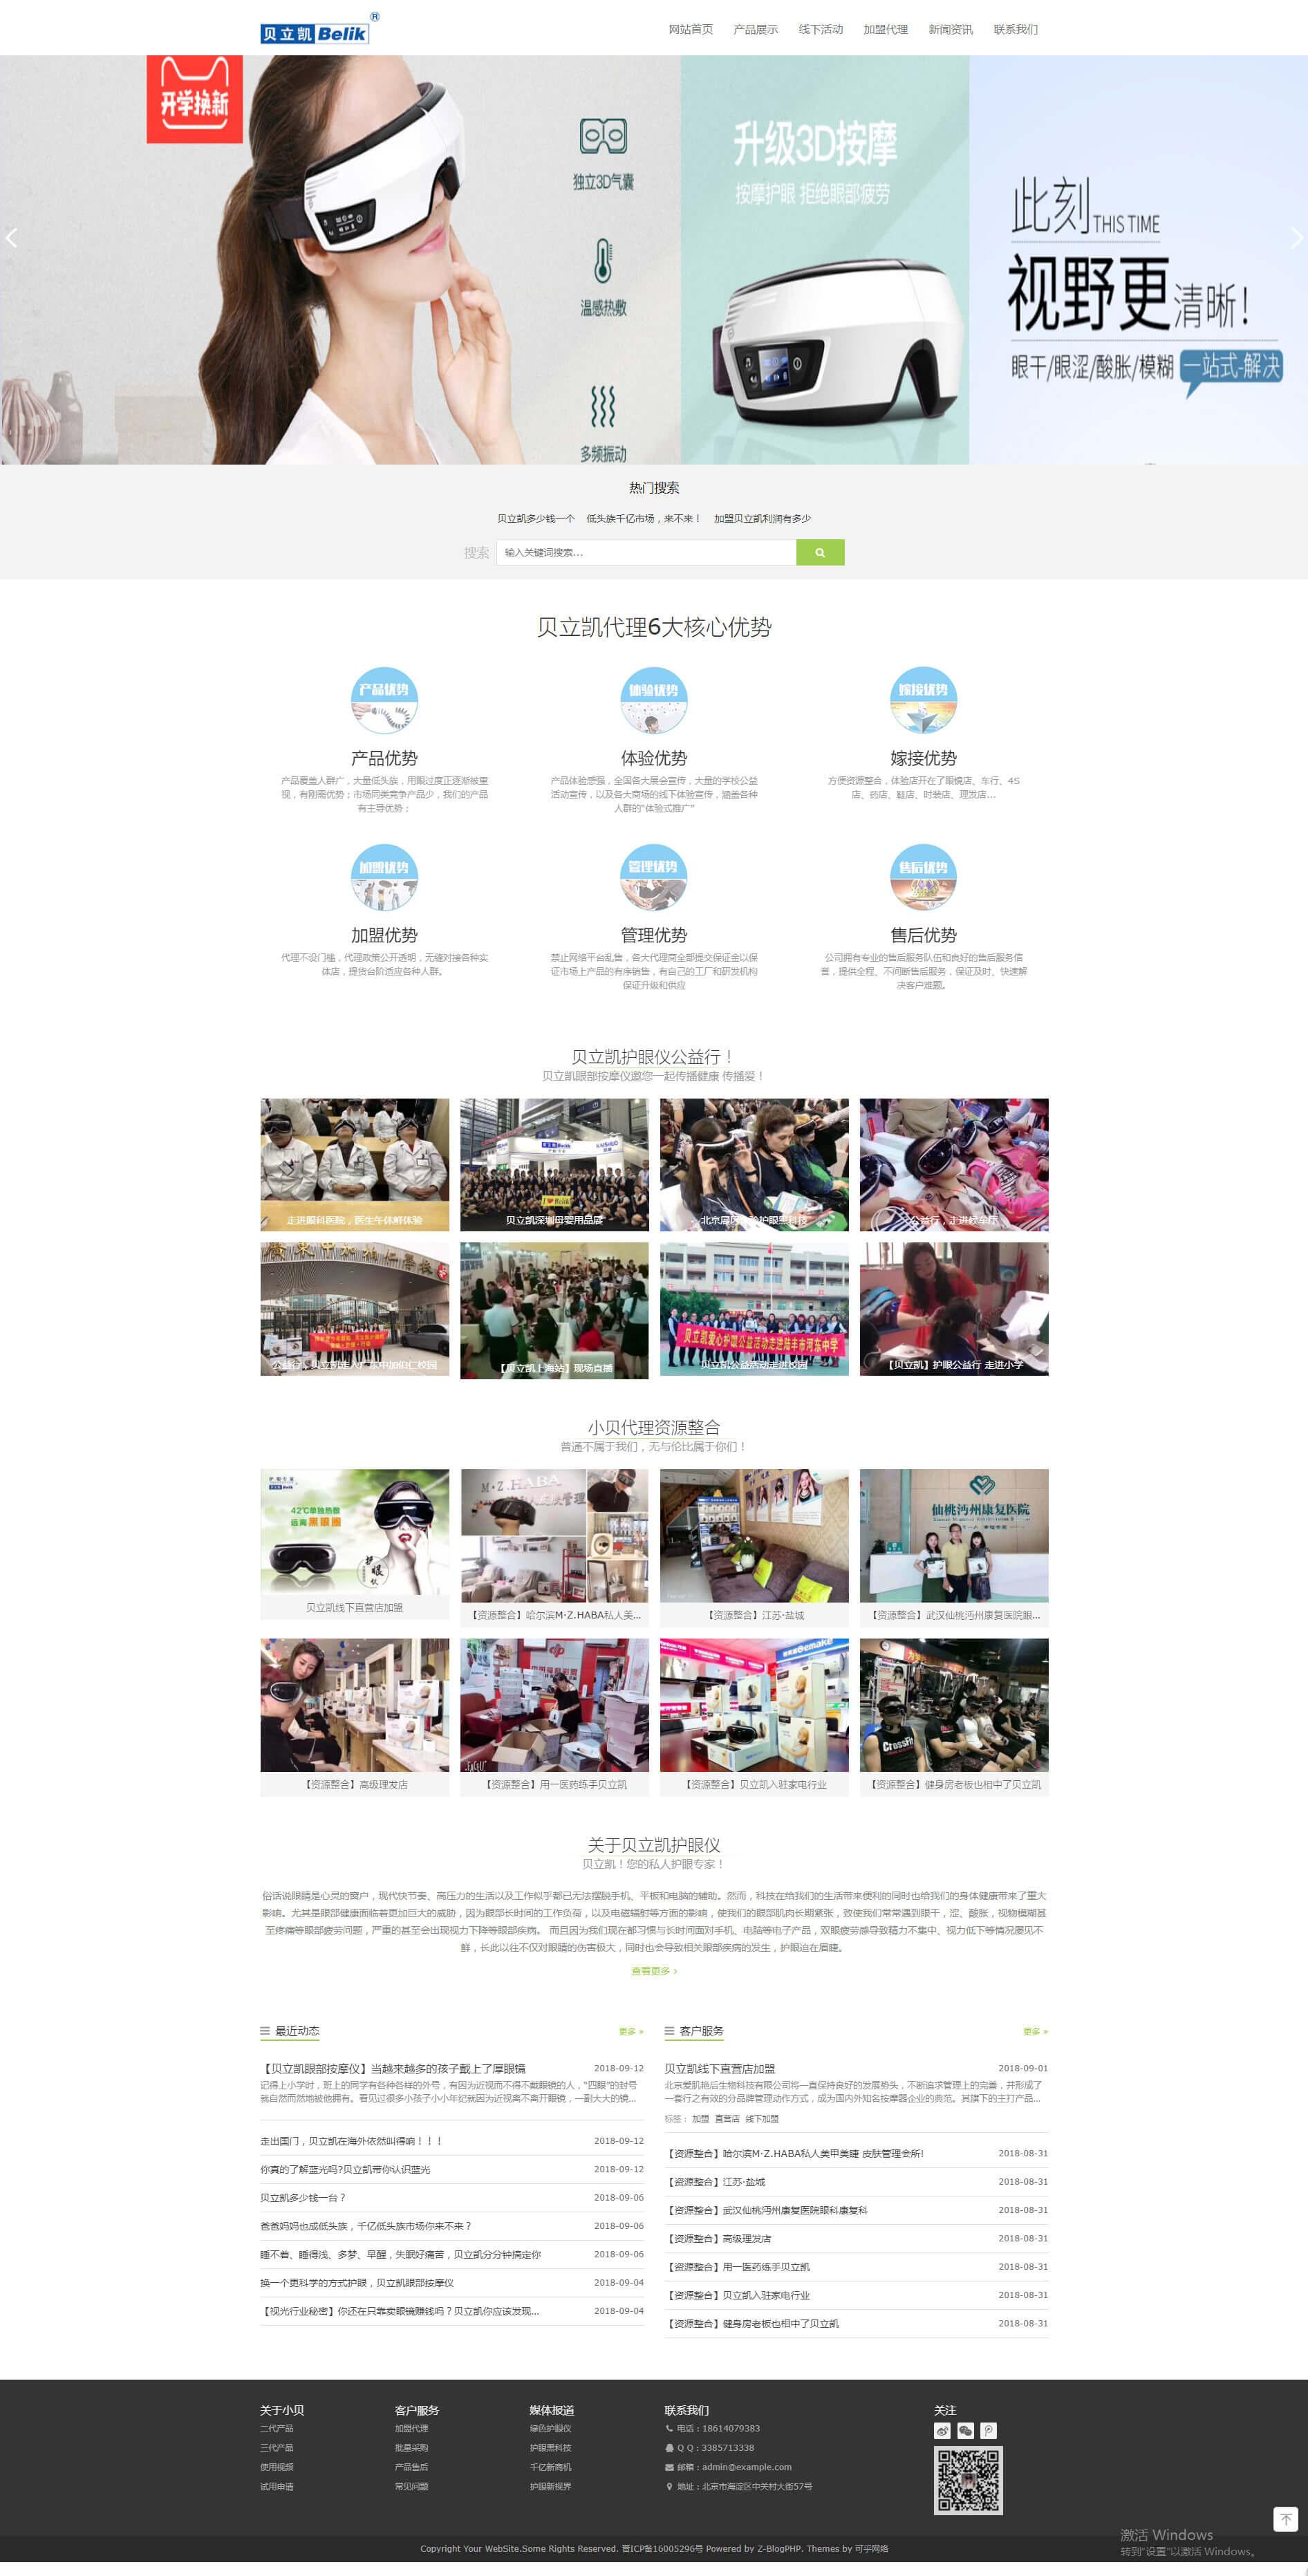 北京爱肌艳后生物科技有限公司MIP网站建设案例截图